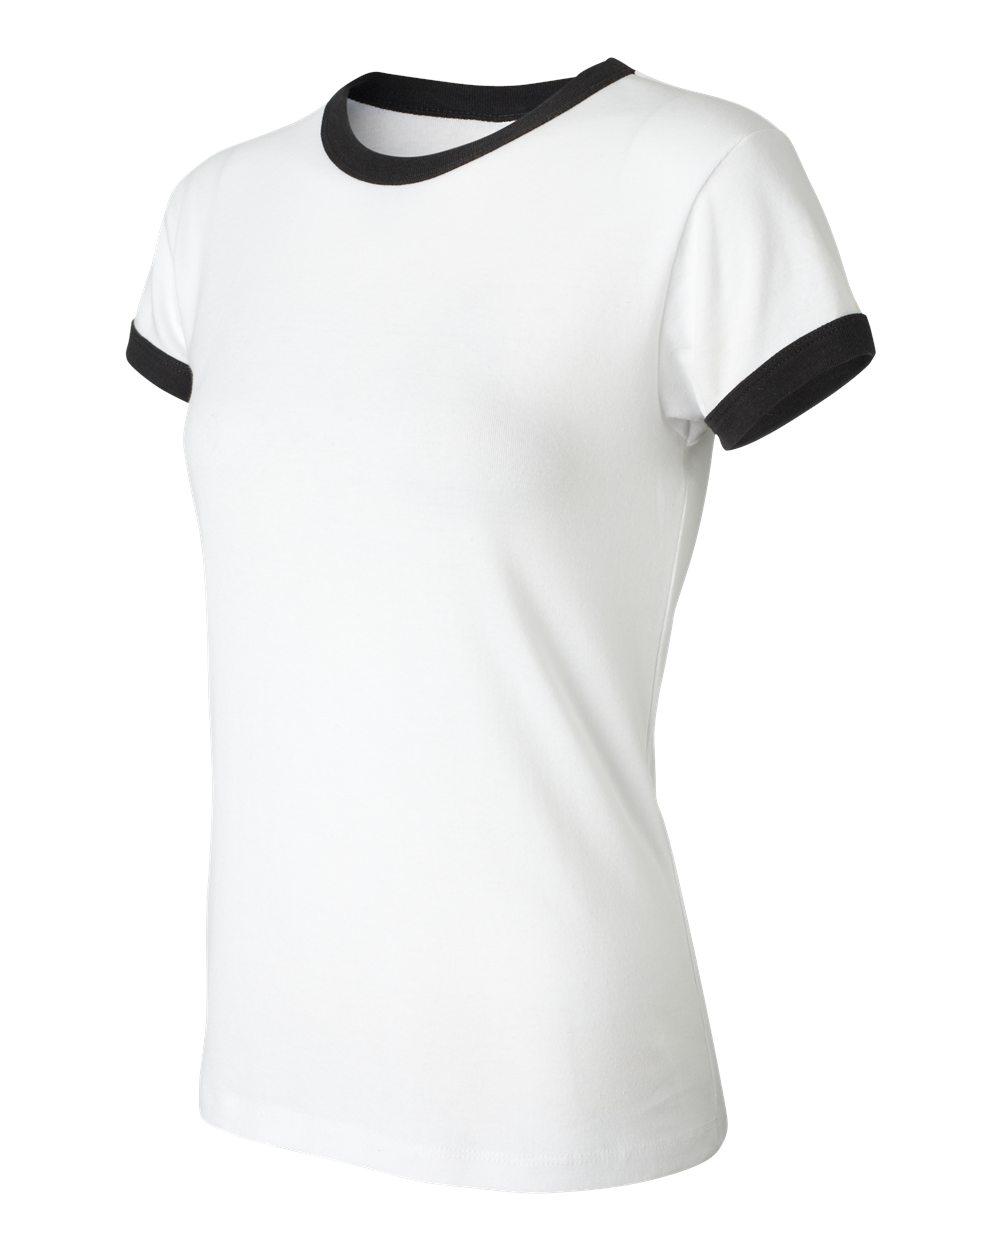 Bella 1007 White - Black